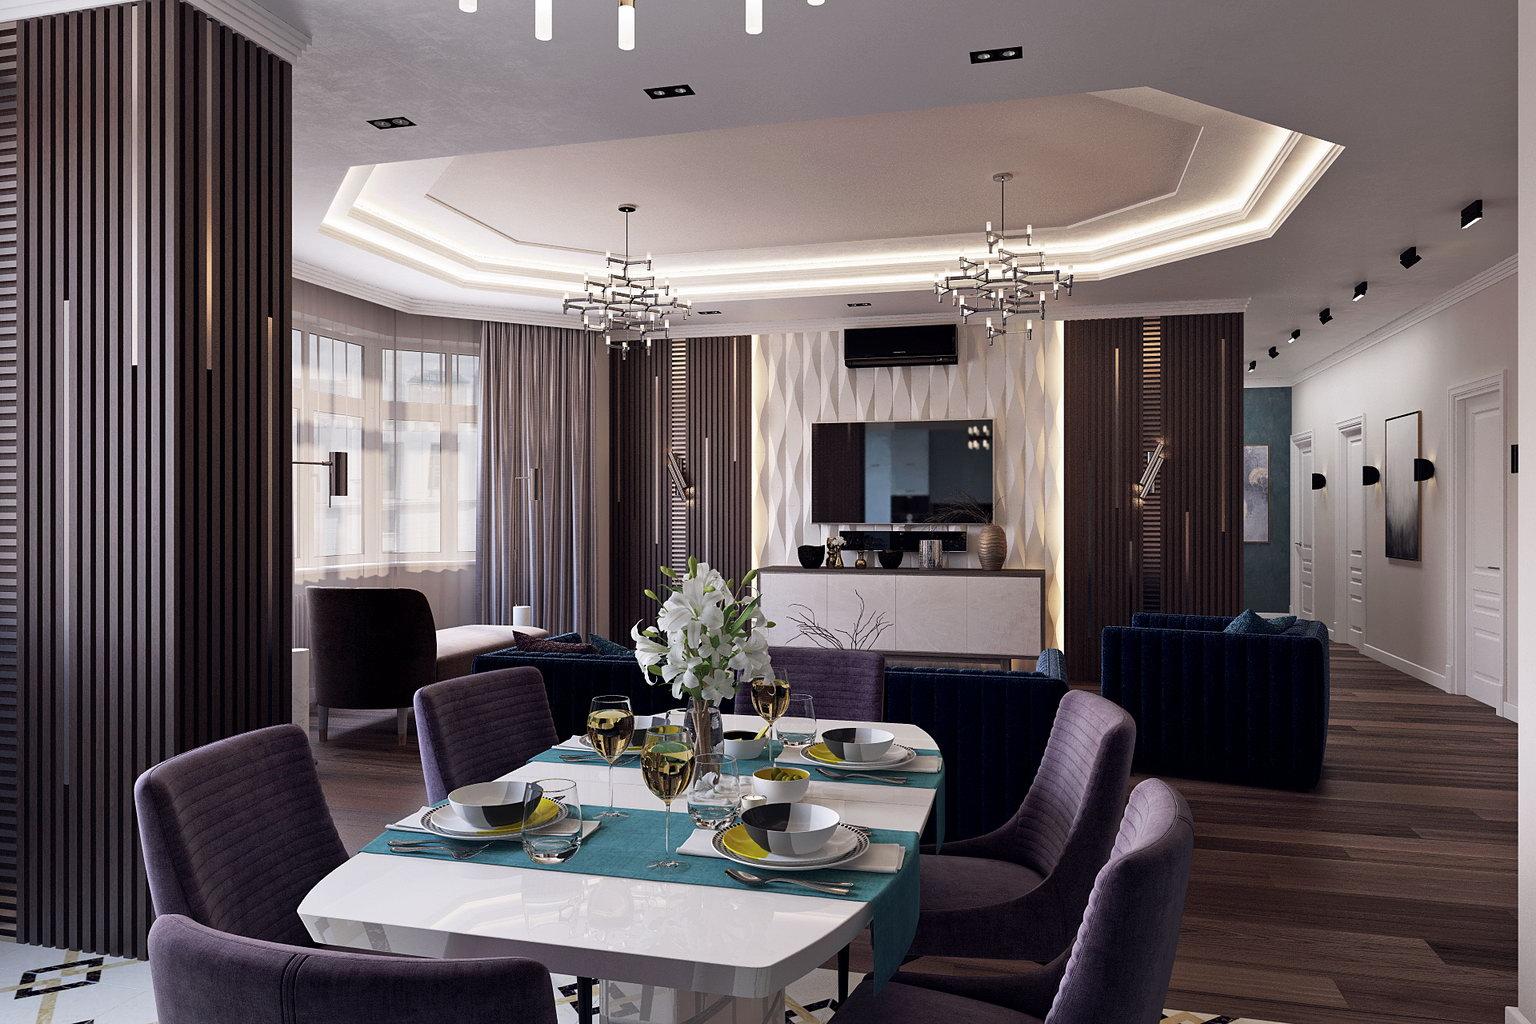 гостиная-кухня ЖК Небо